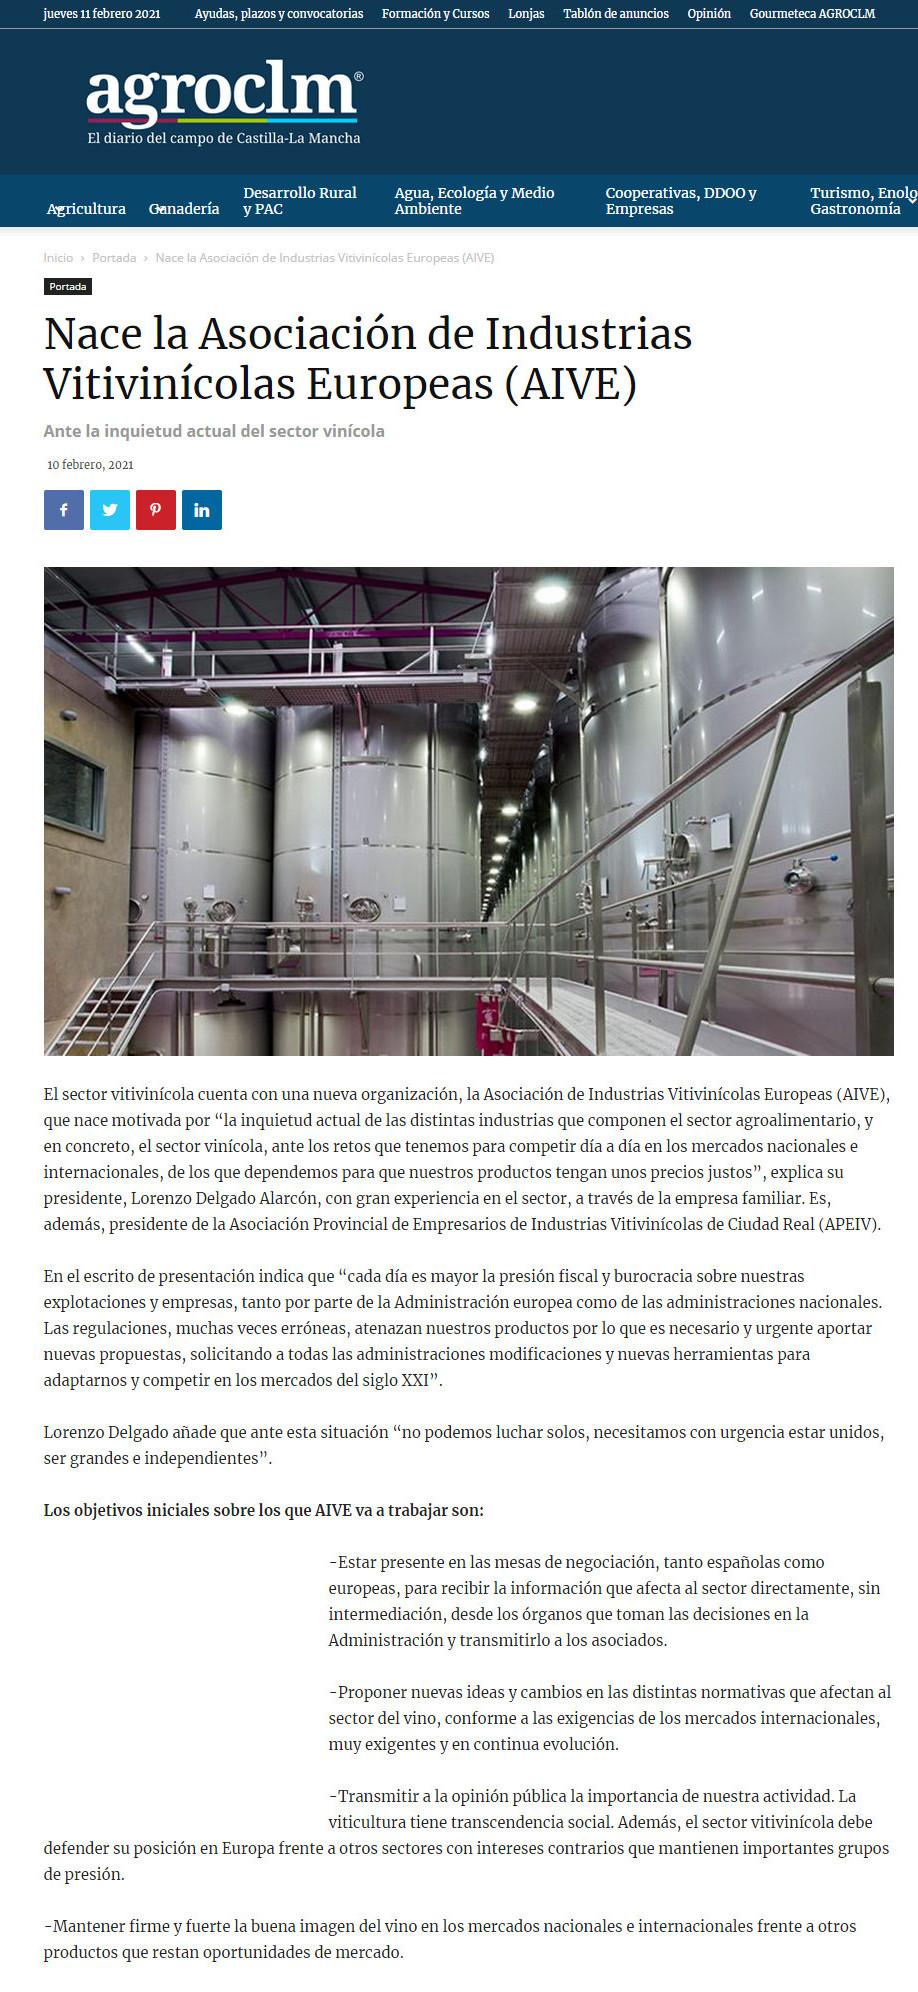 Noticia Nace la Asociación AIVE